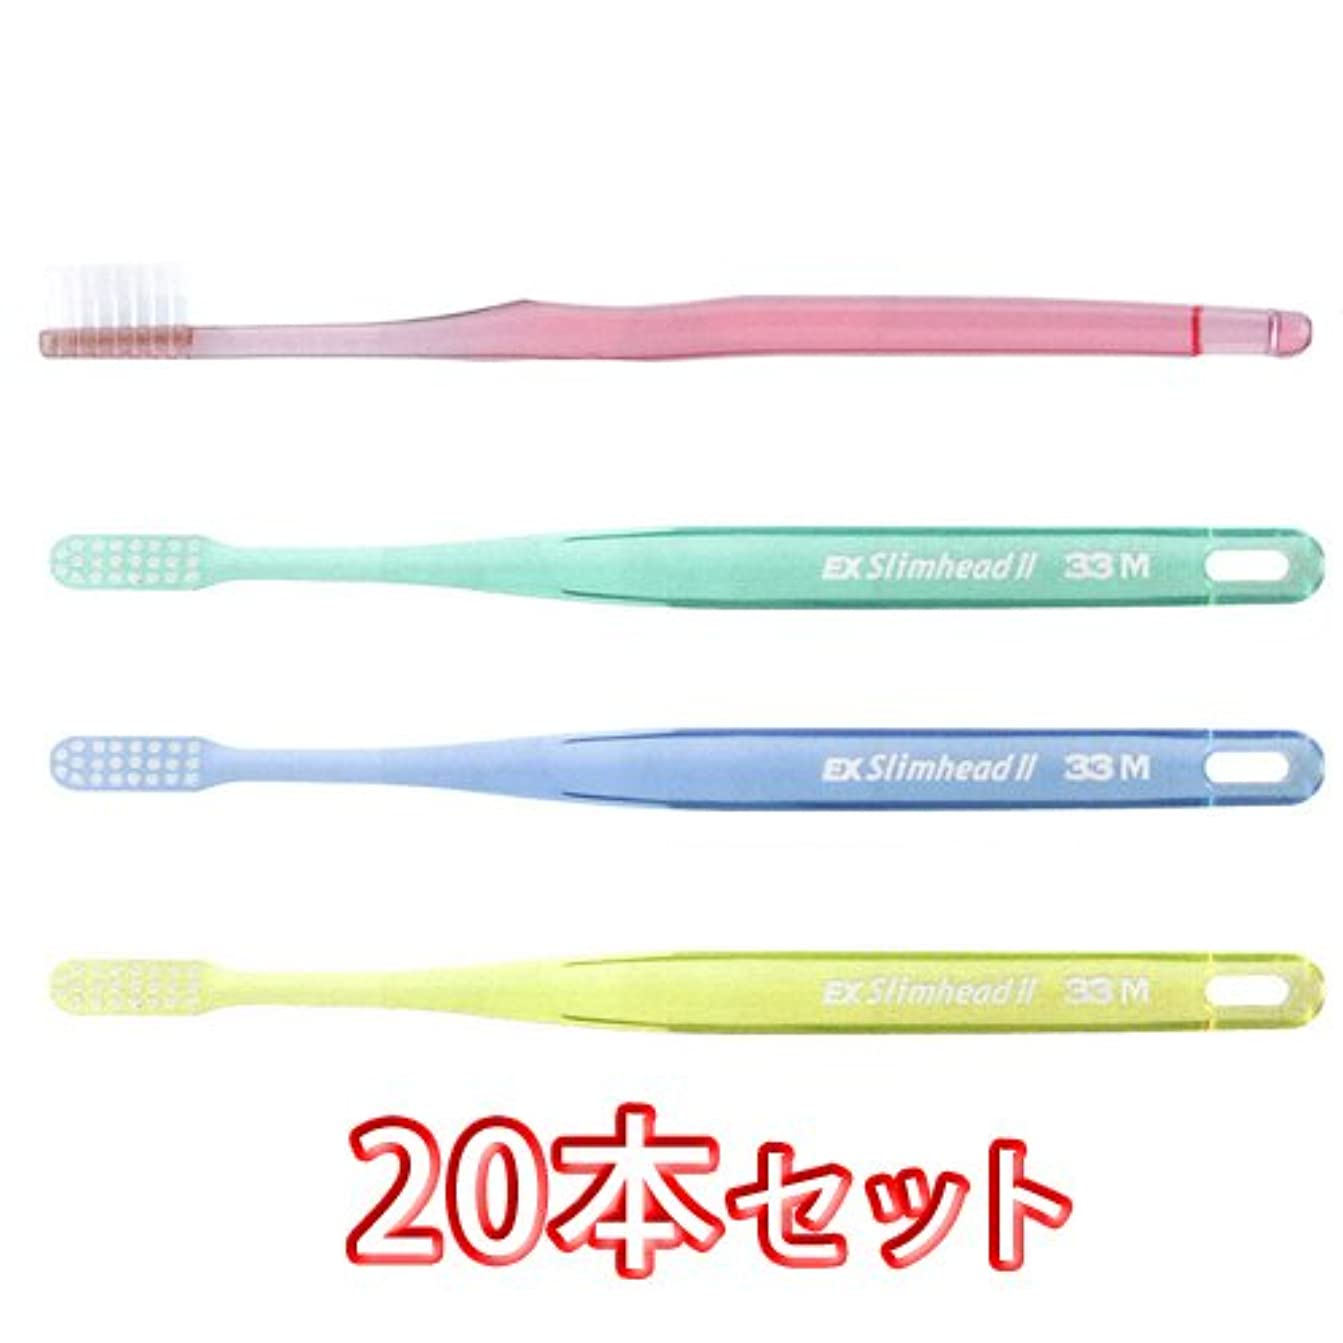 スツール説得要件ライオン スリムヘッド2 歯ブラシ DENT . EX Slimhead2 20本入 (33M)